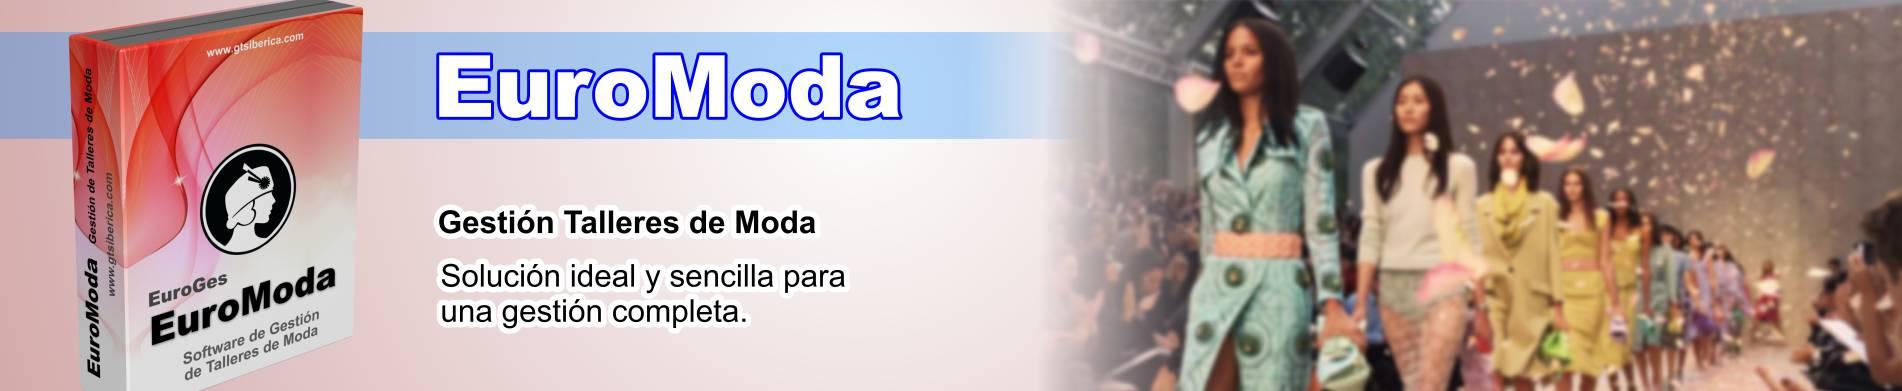 euromoda slider